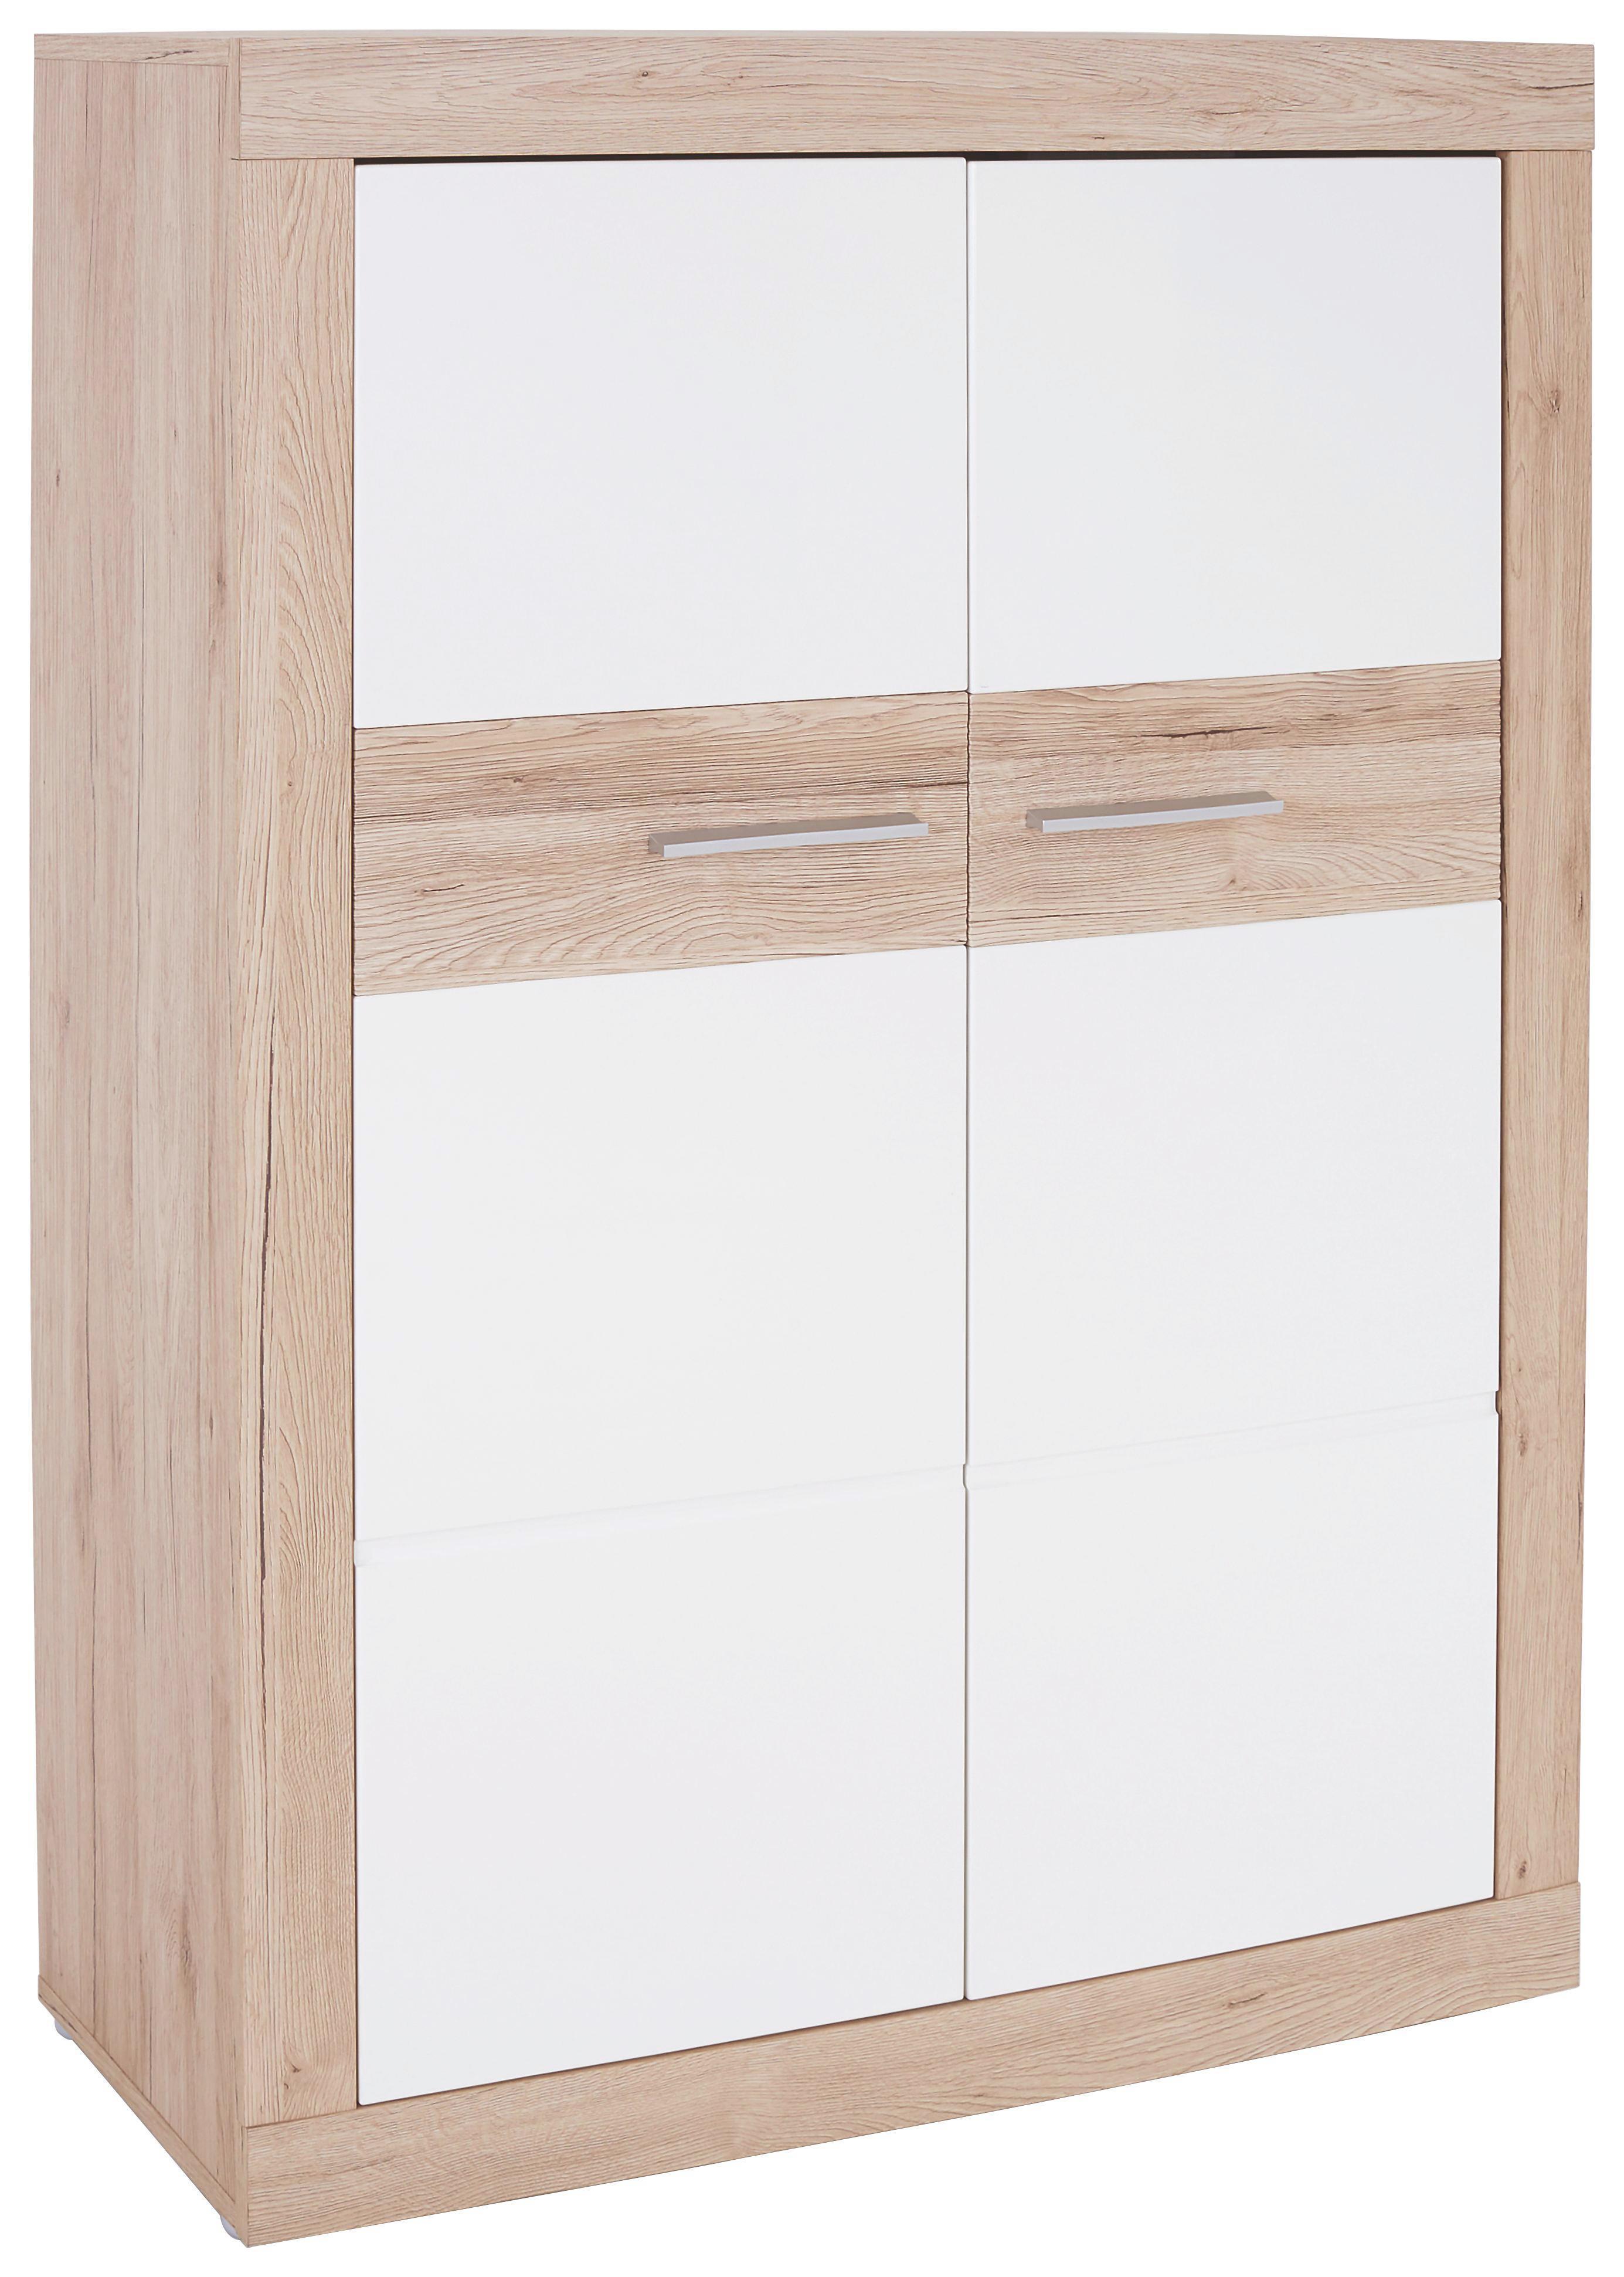 Malerisch Sideboard 60 Cm Hoch Sammlung Von